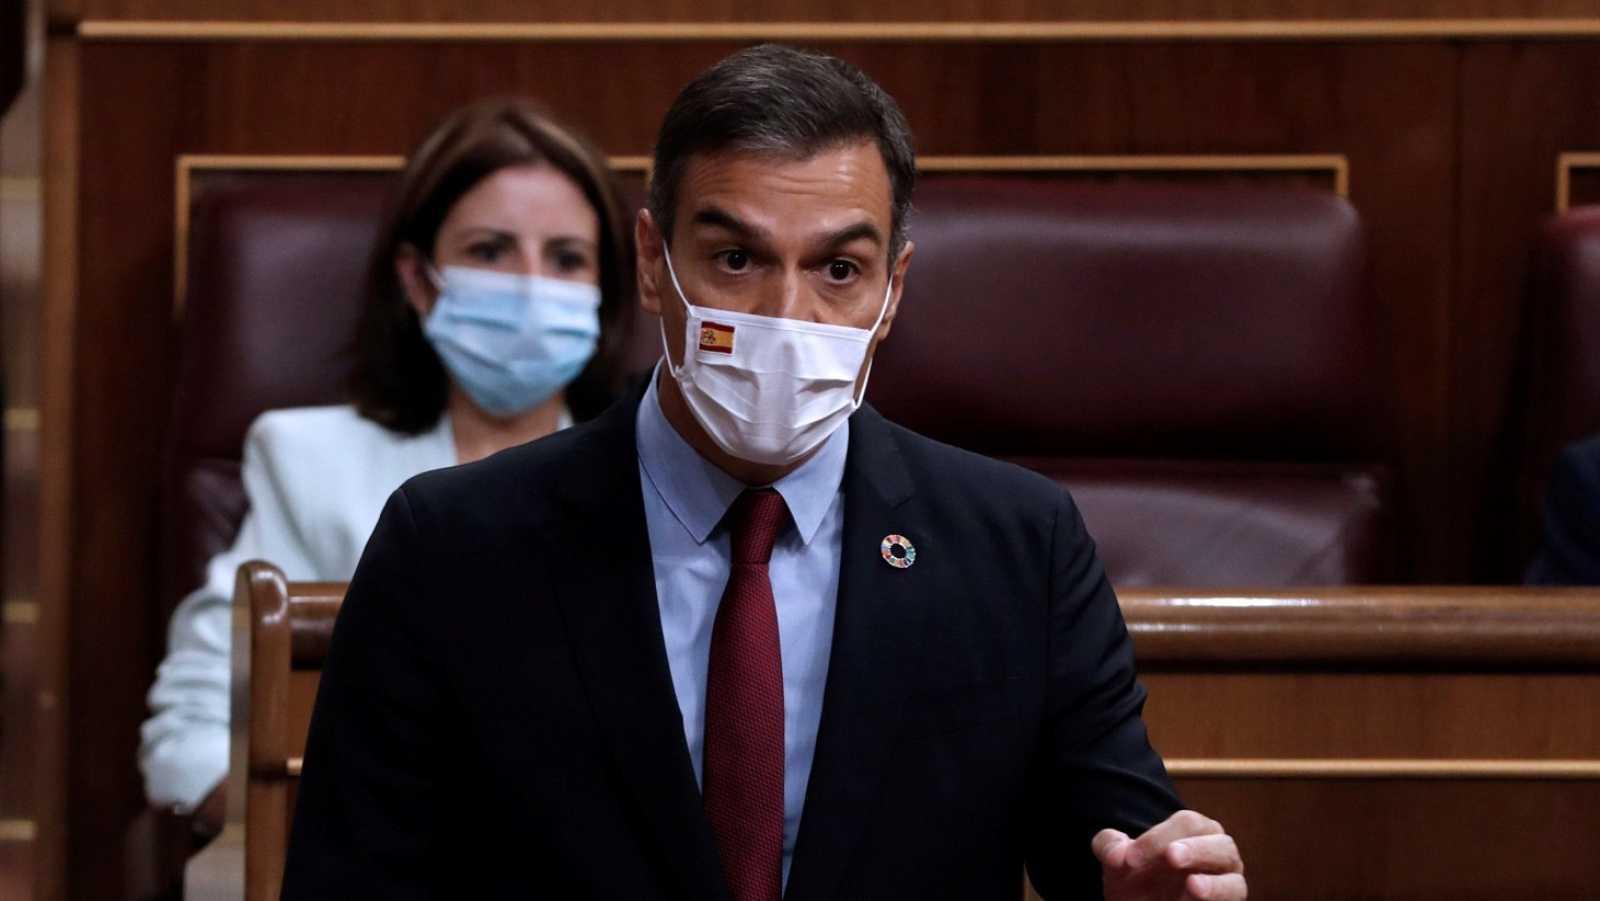 Pedro Sánchez interviene en el Congreso durante la última sesión de control al Gobierno.